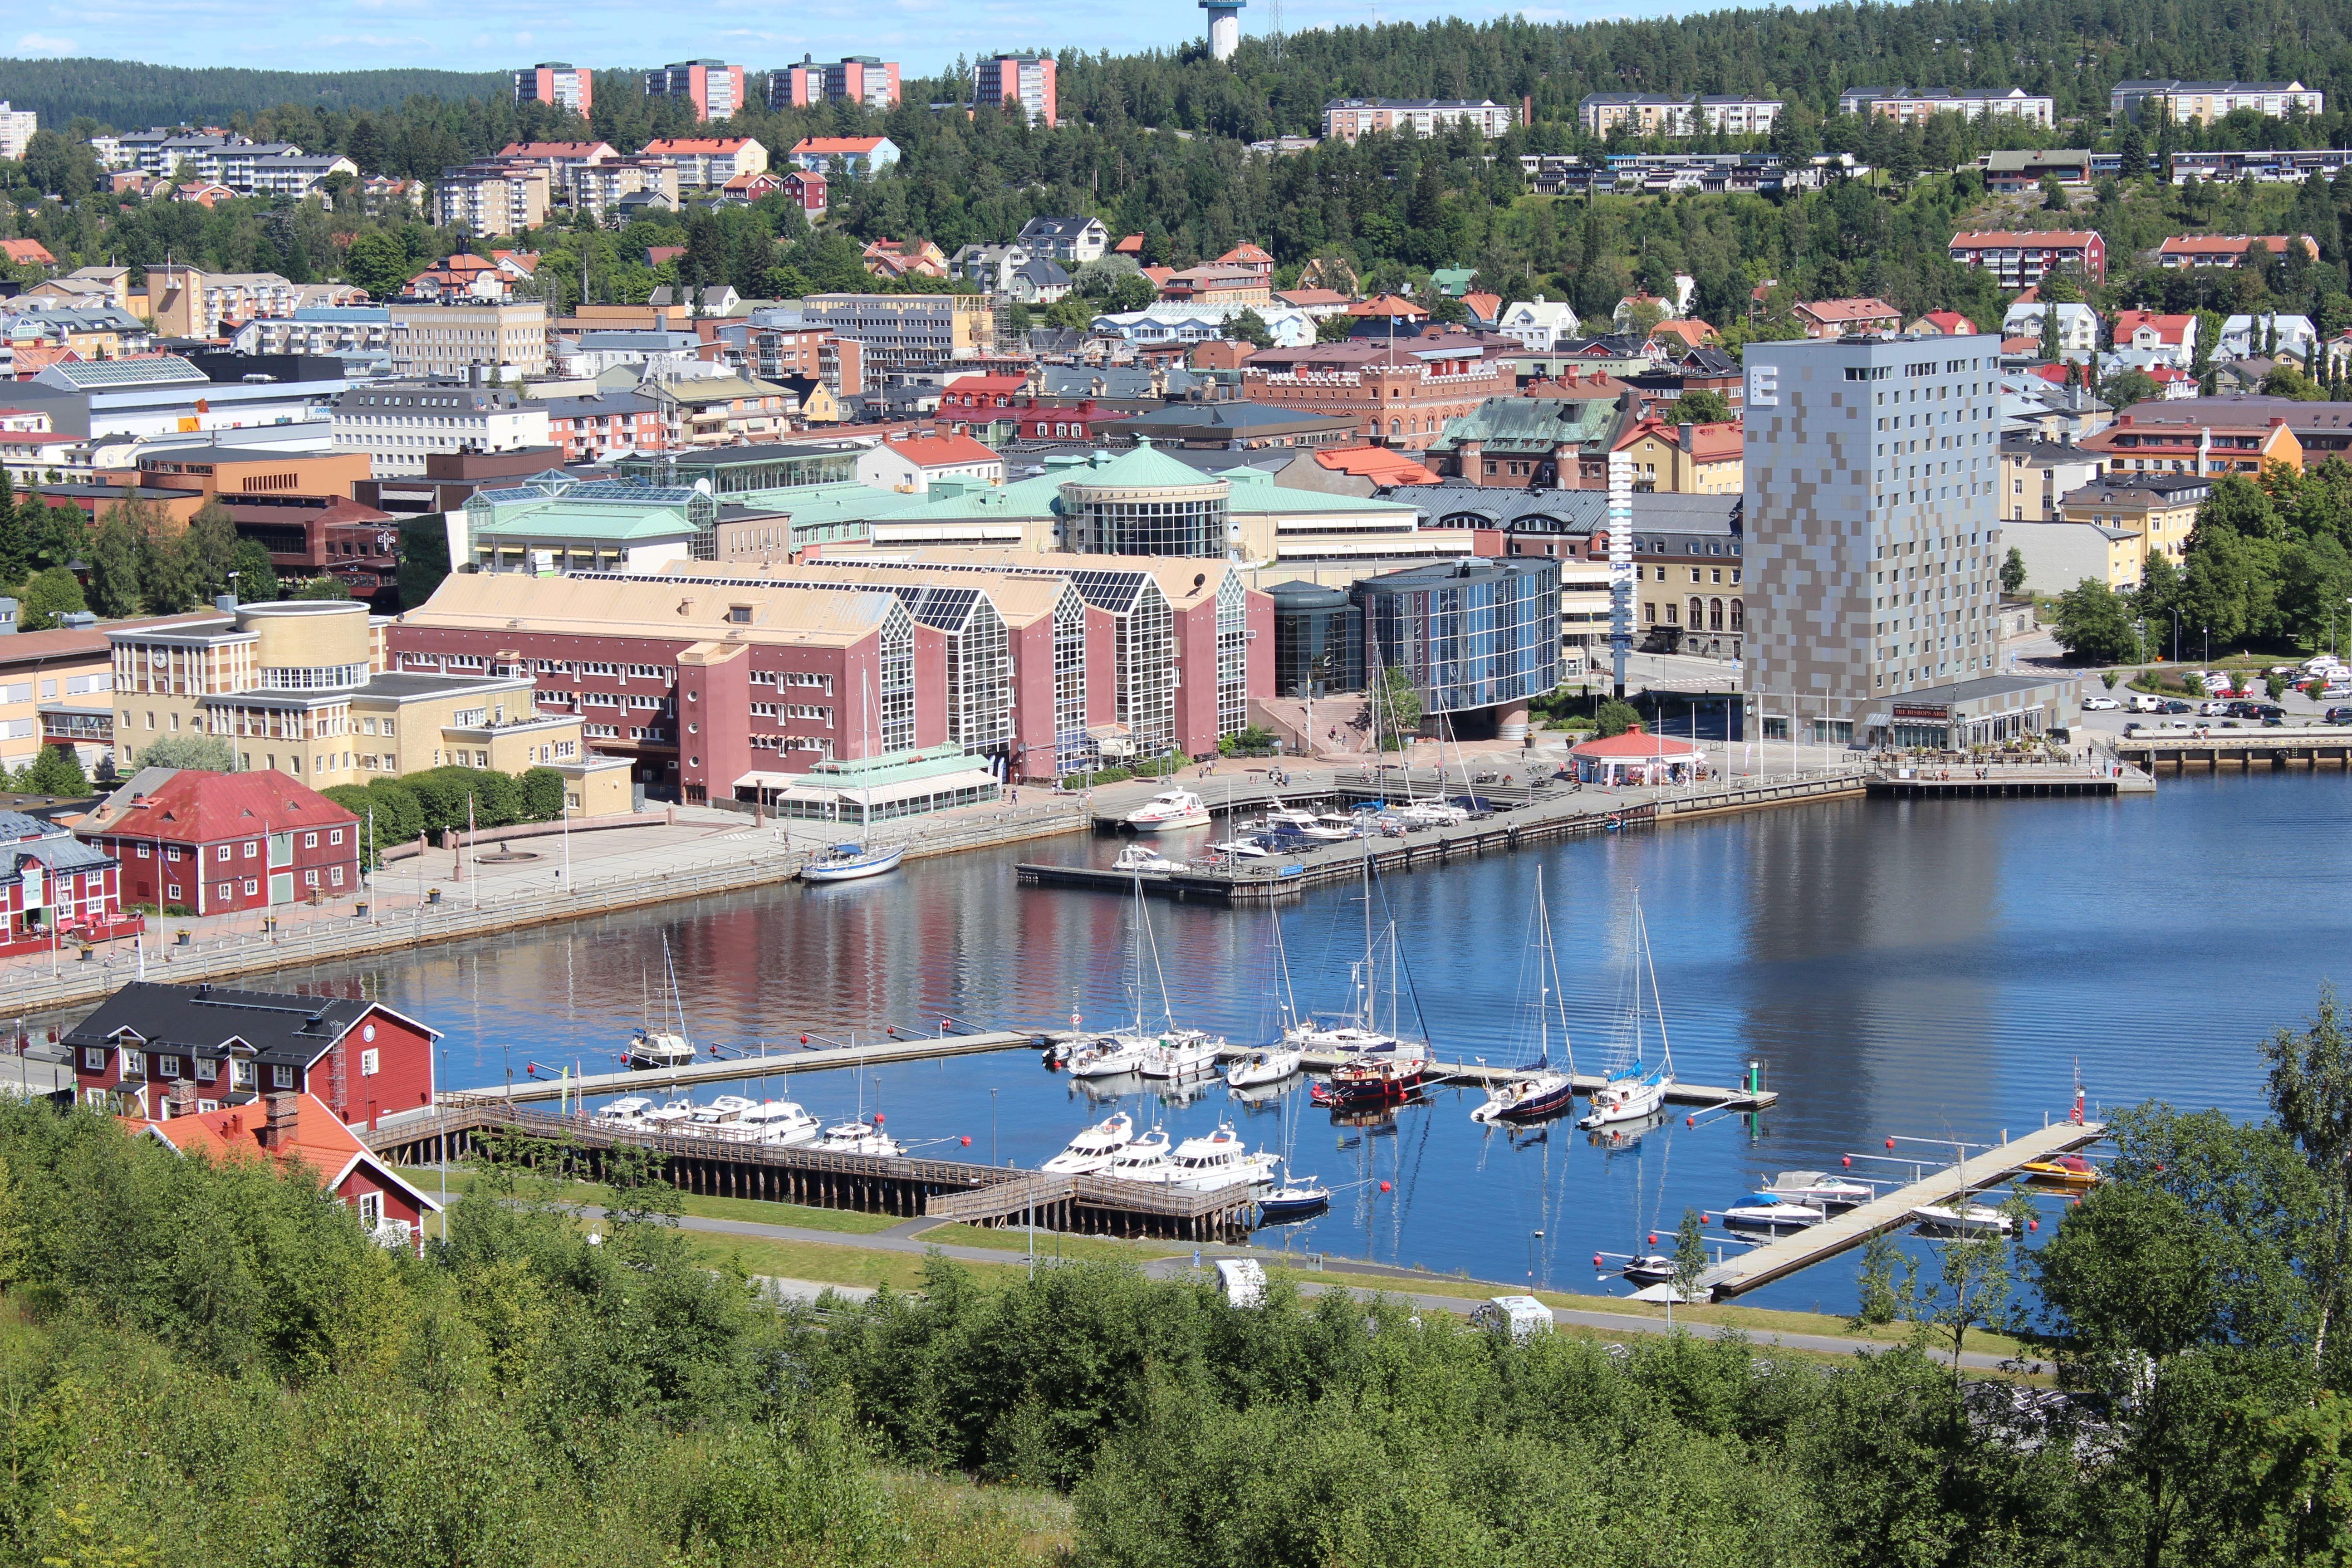 O-Ringen Boatyard City Örnsköldsvik